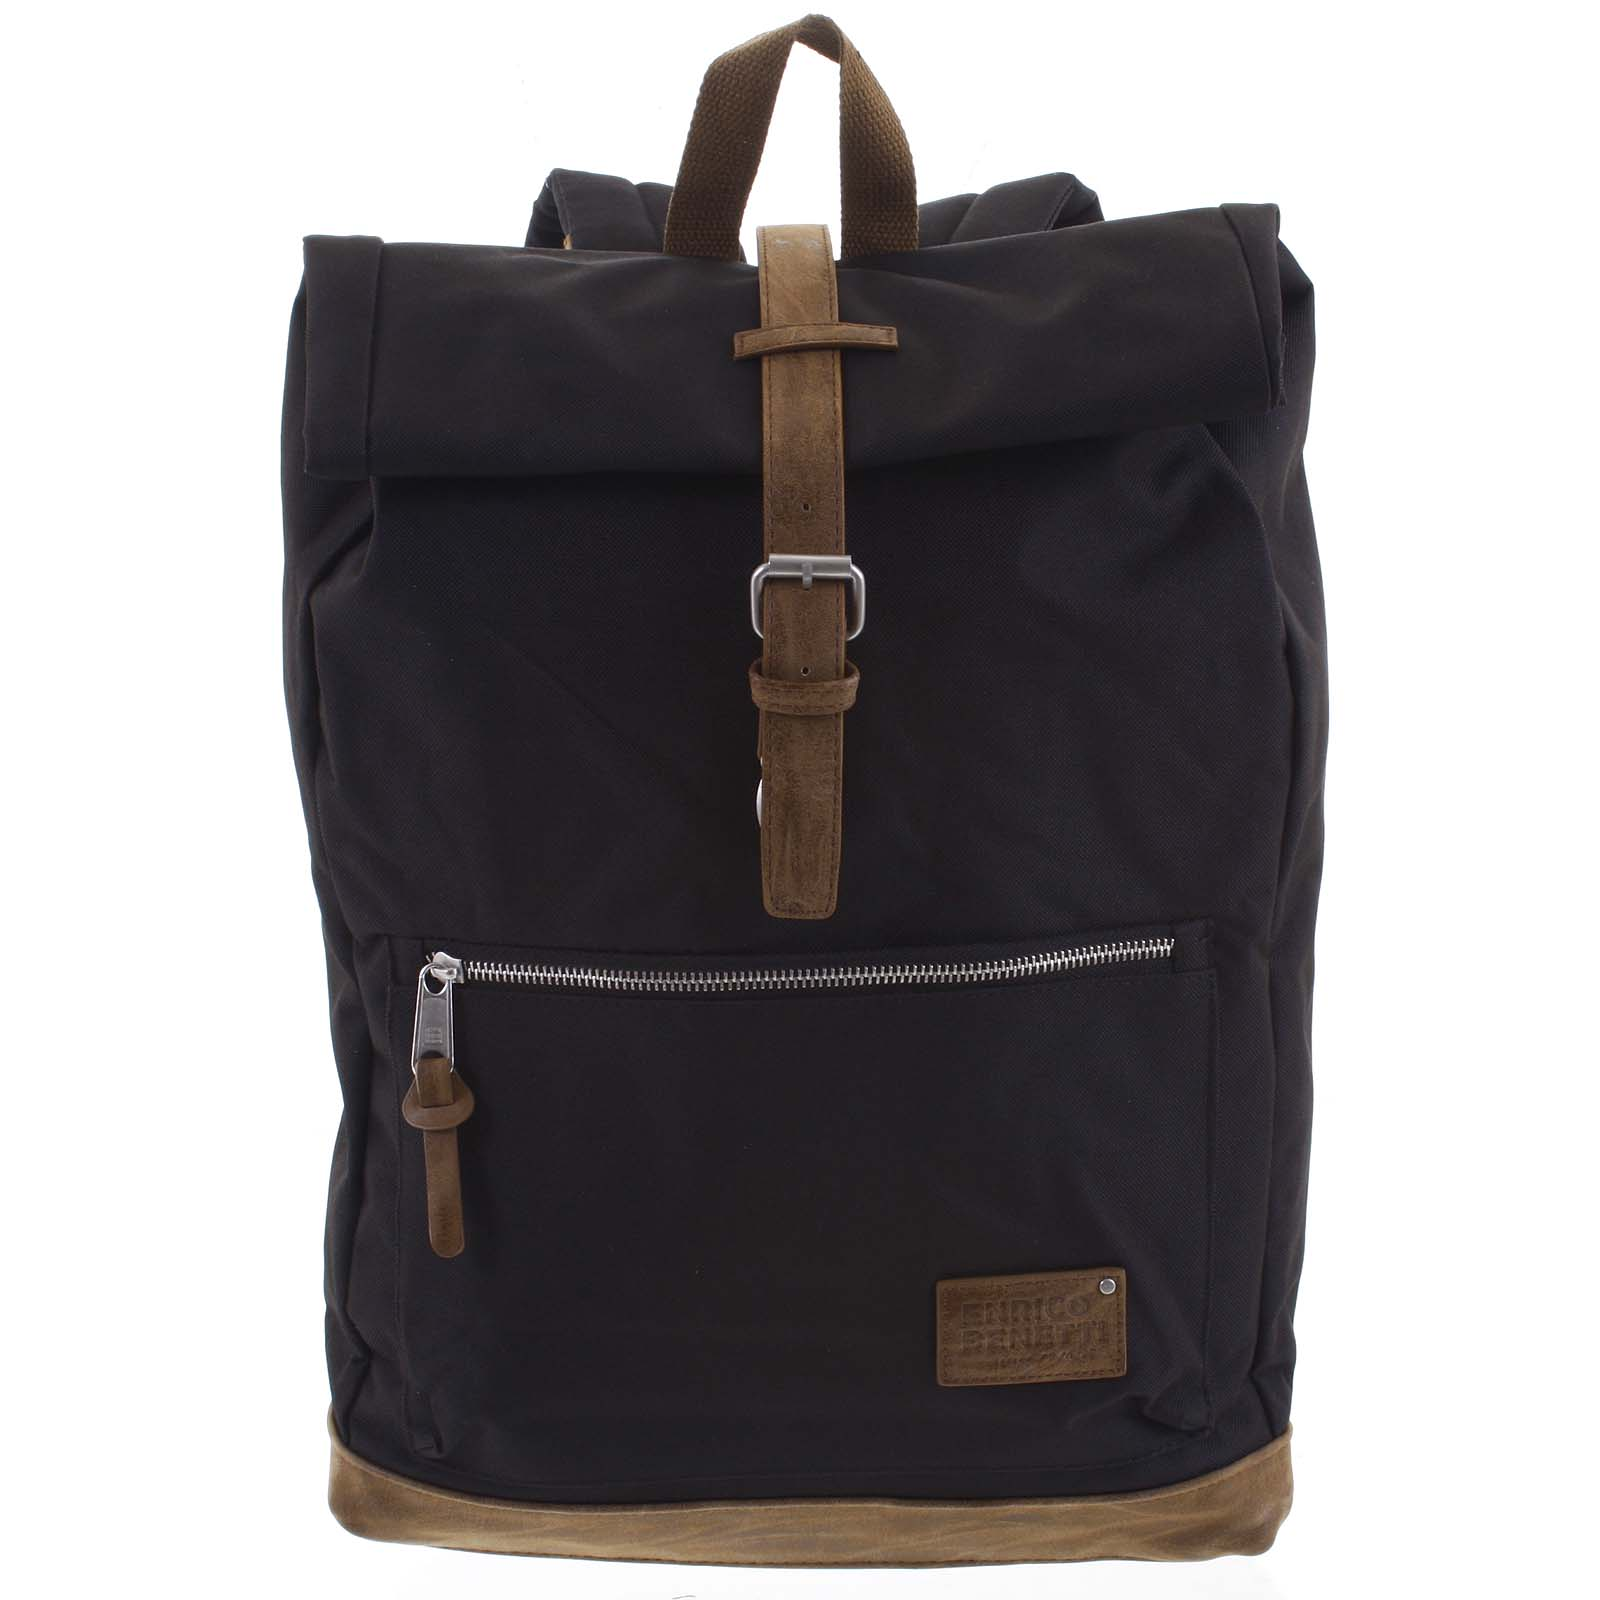 Veľký pánsky batoh čierny - Enrico Benetti Thunder čierna